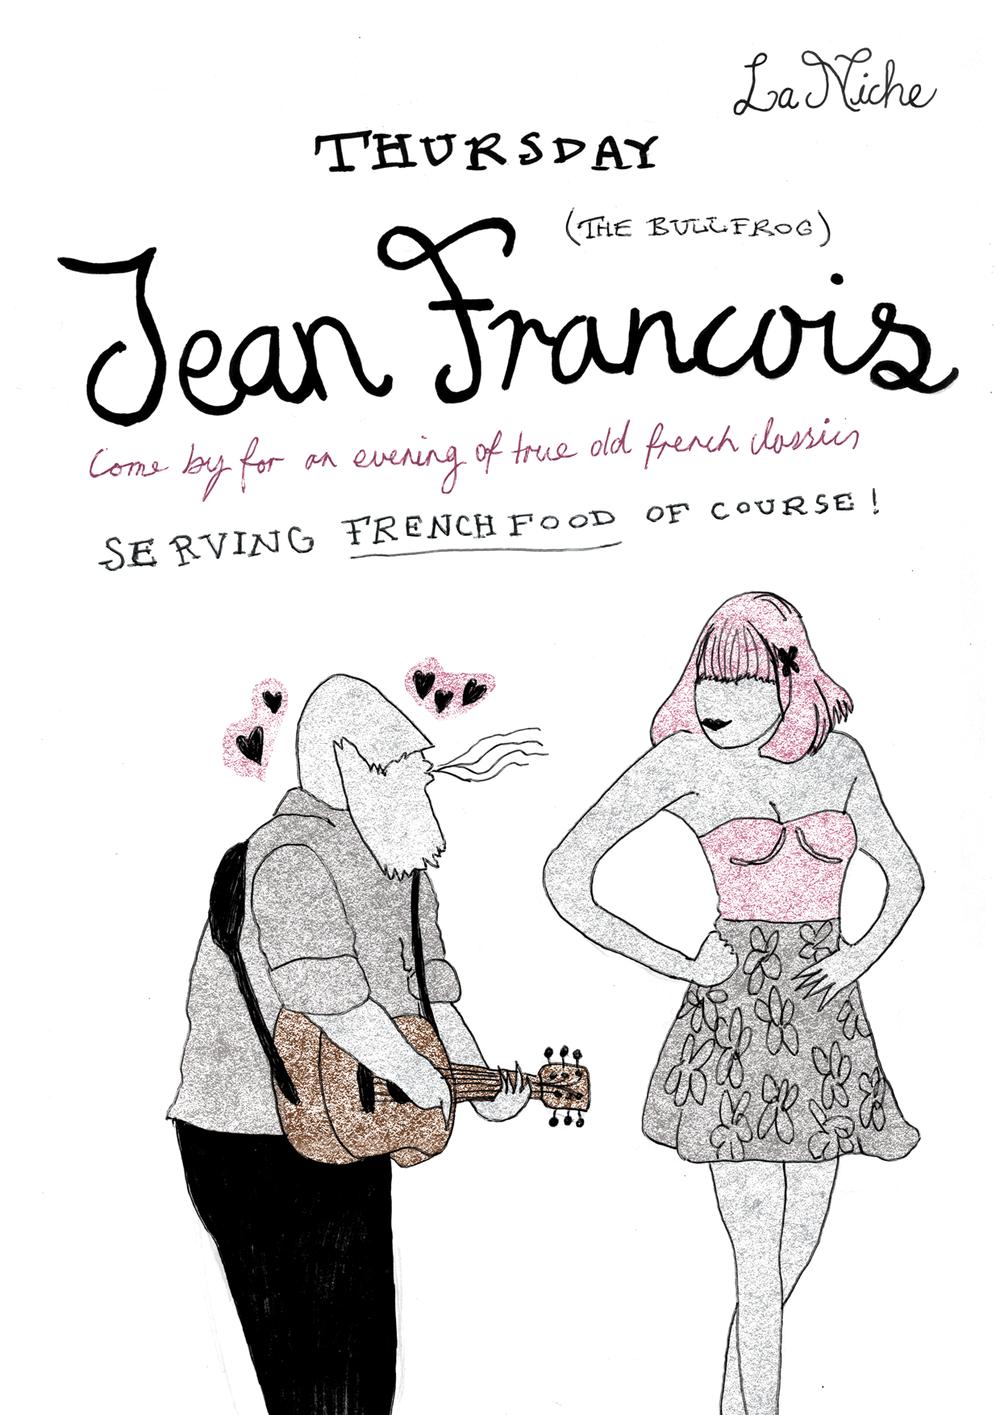 Jean_Franc001.png